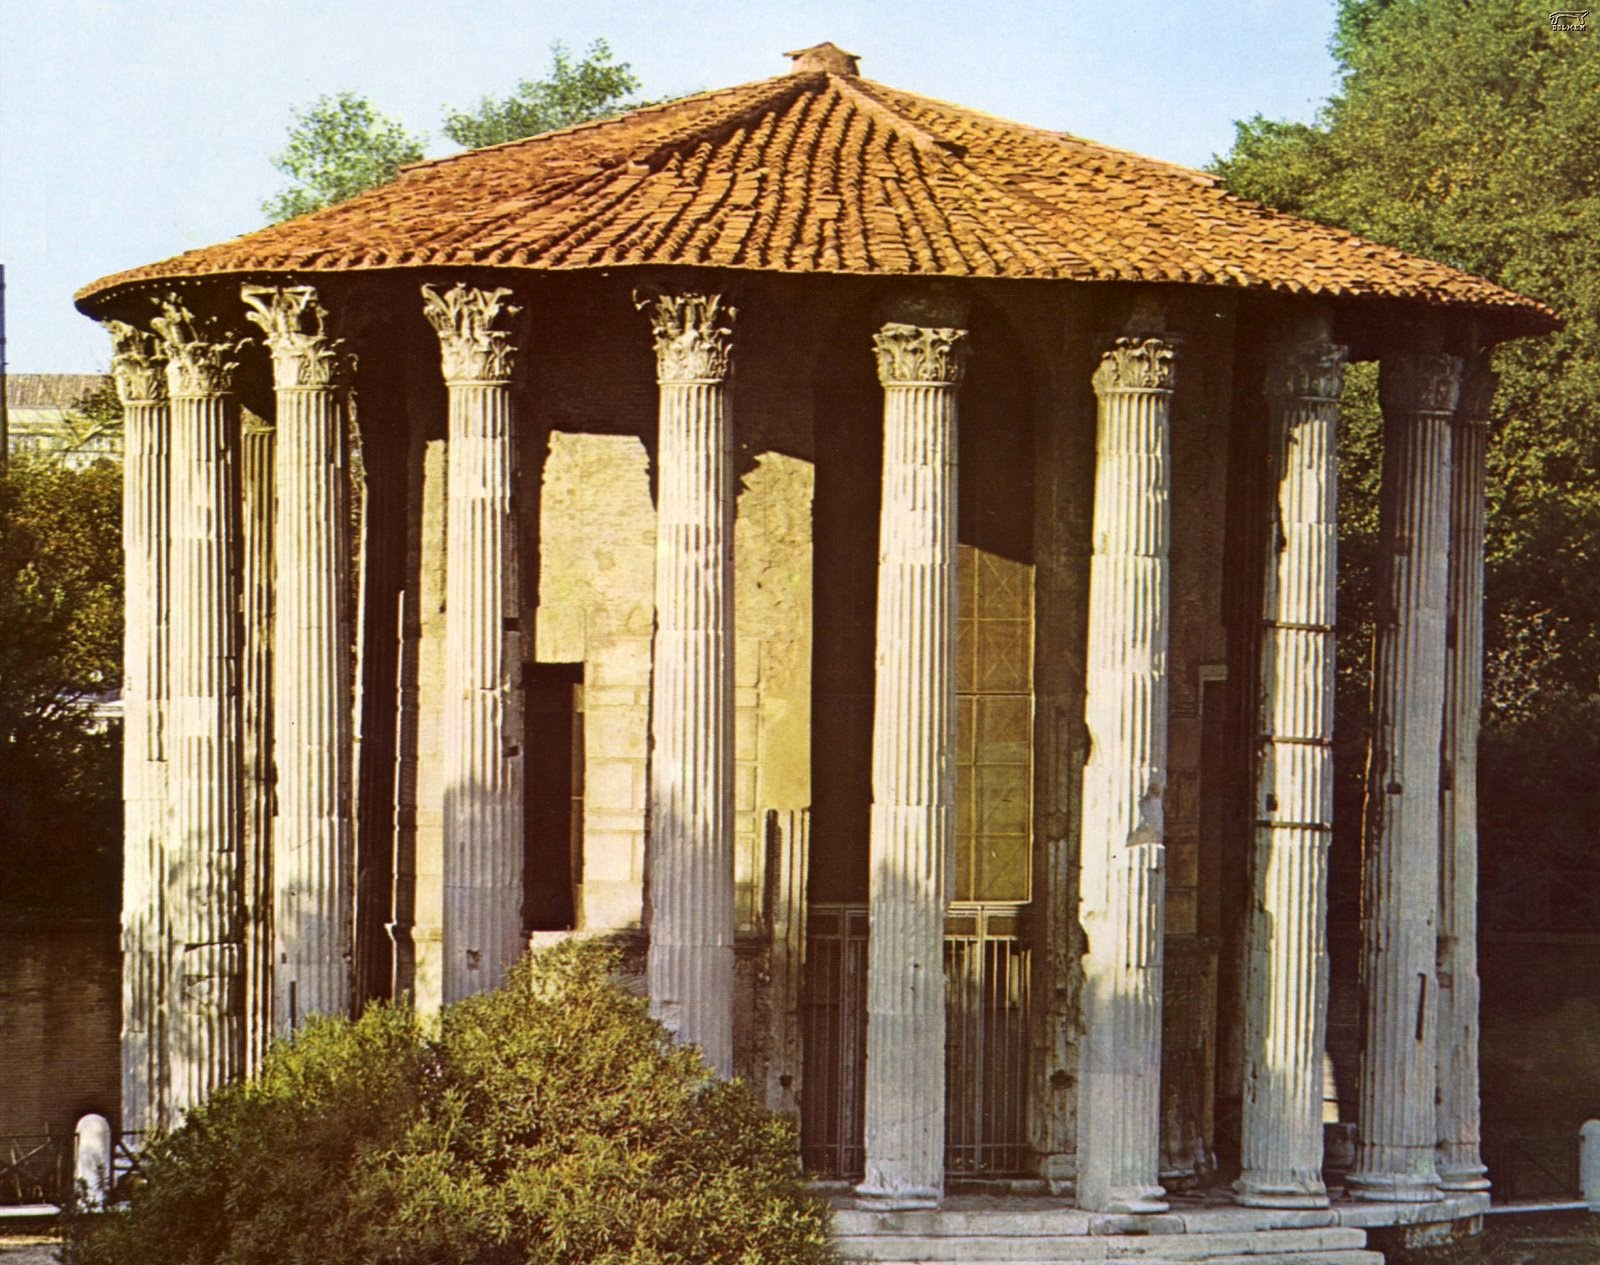 Historia del arte temas y selecci n de im genes maison for Arquitectura griega templos